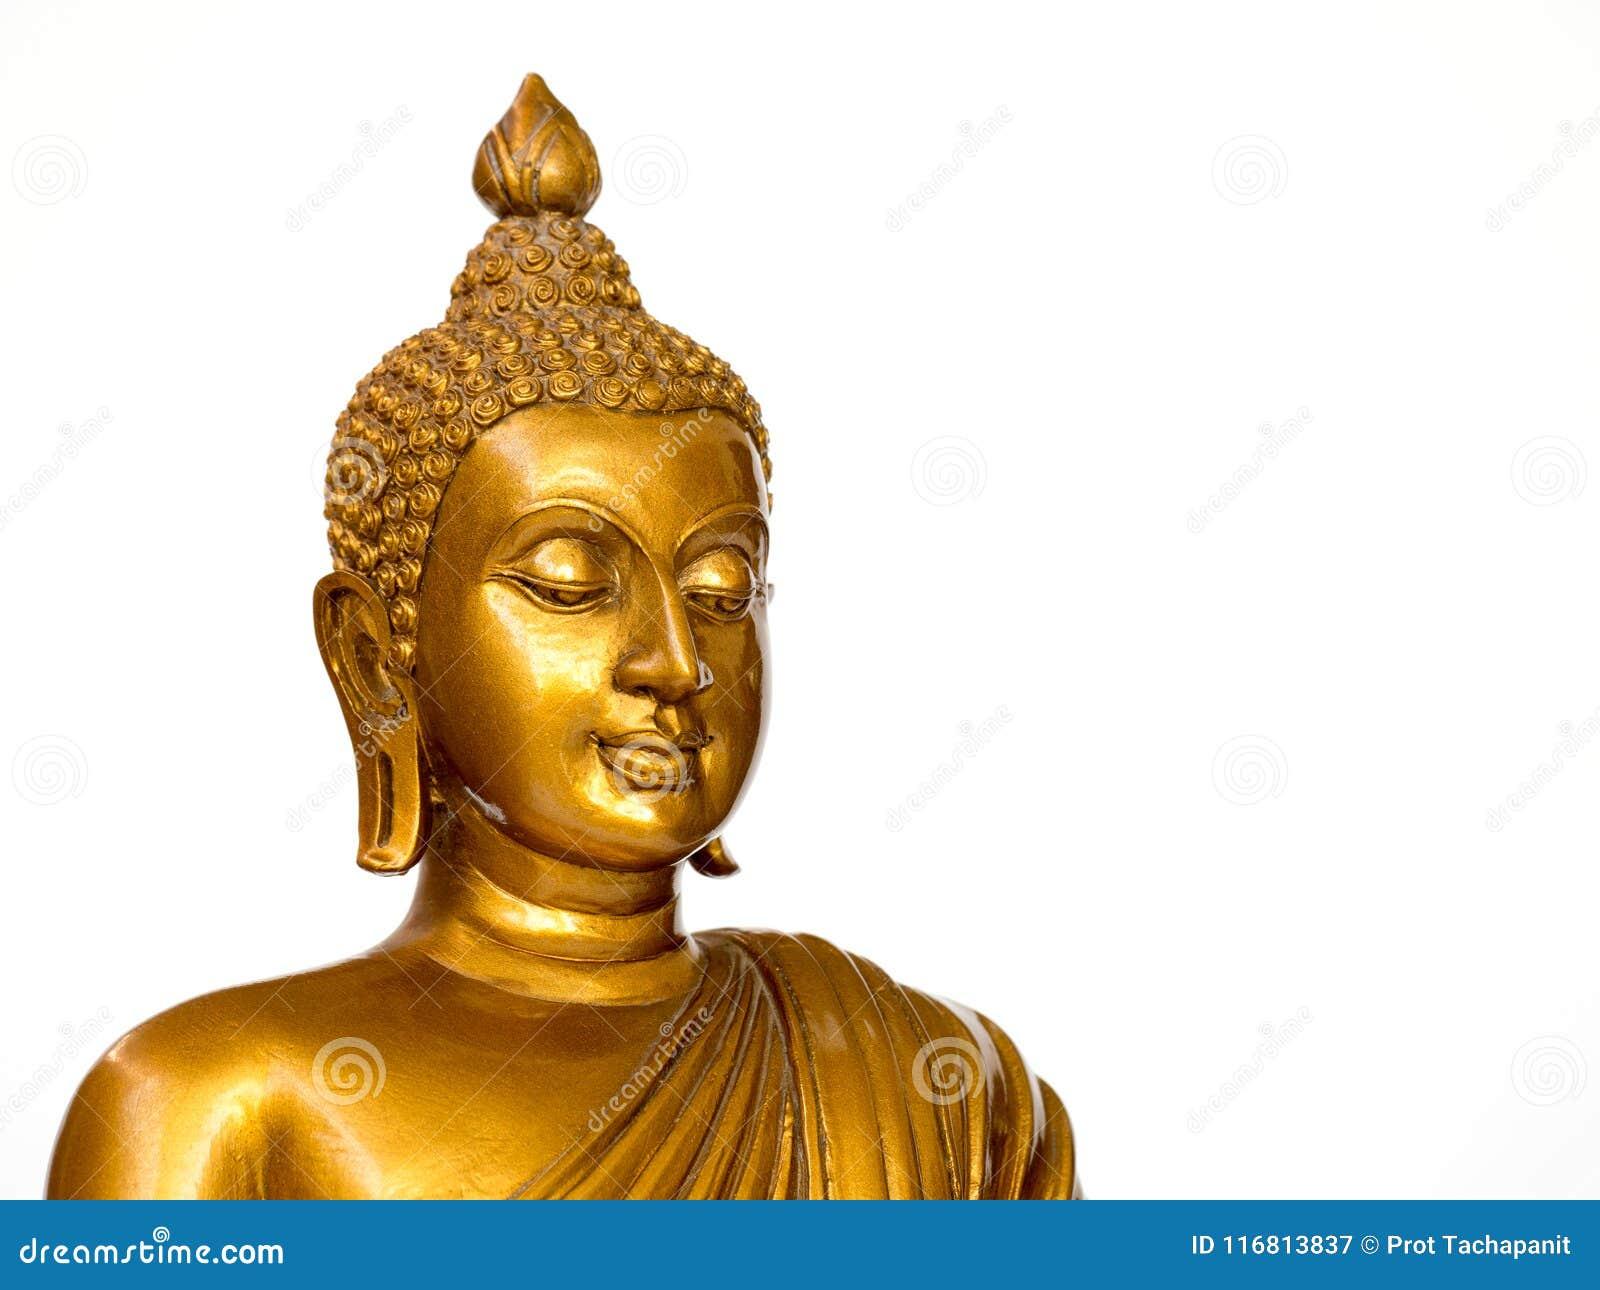 La statua antica dorata di Buddha sui precedenti bianchi ha isolato il fondo Il fronte del Buddha si è girato verso la destra